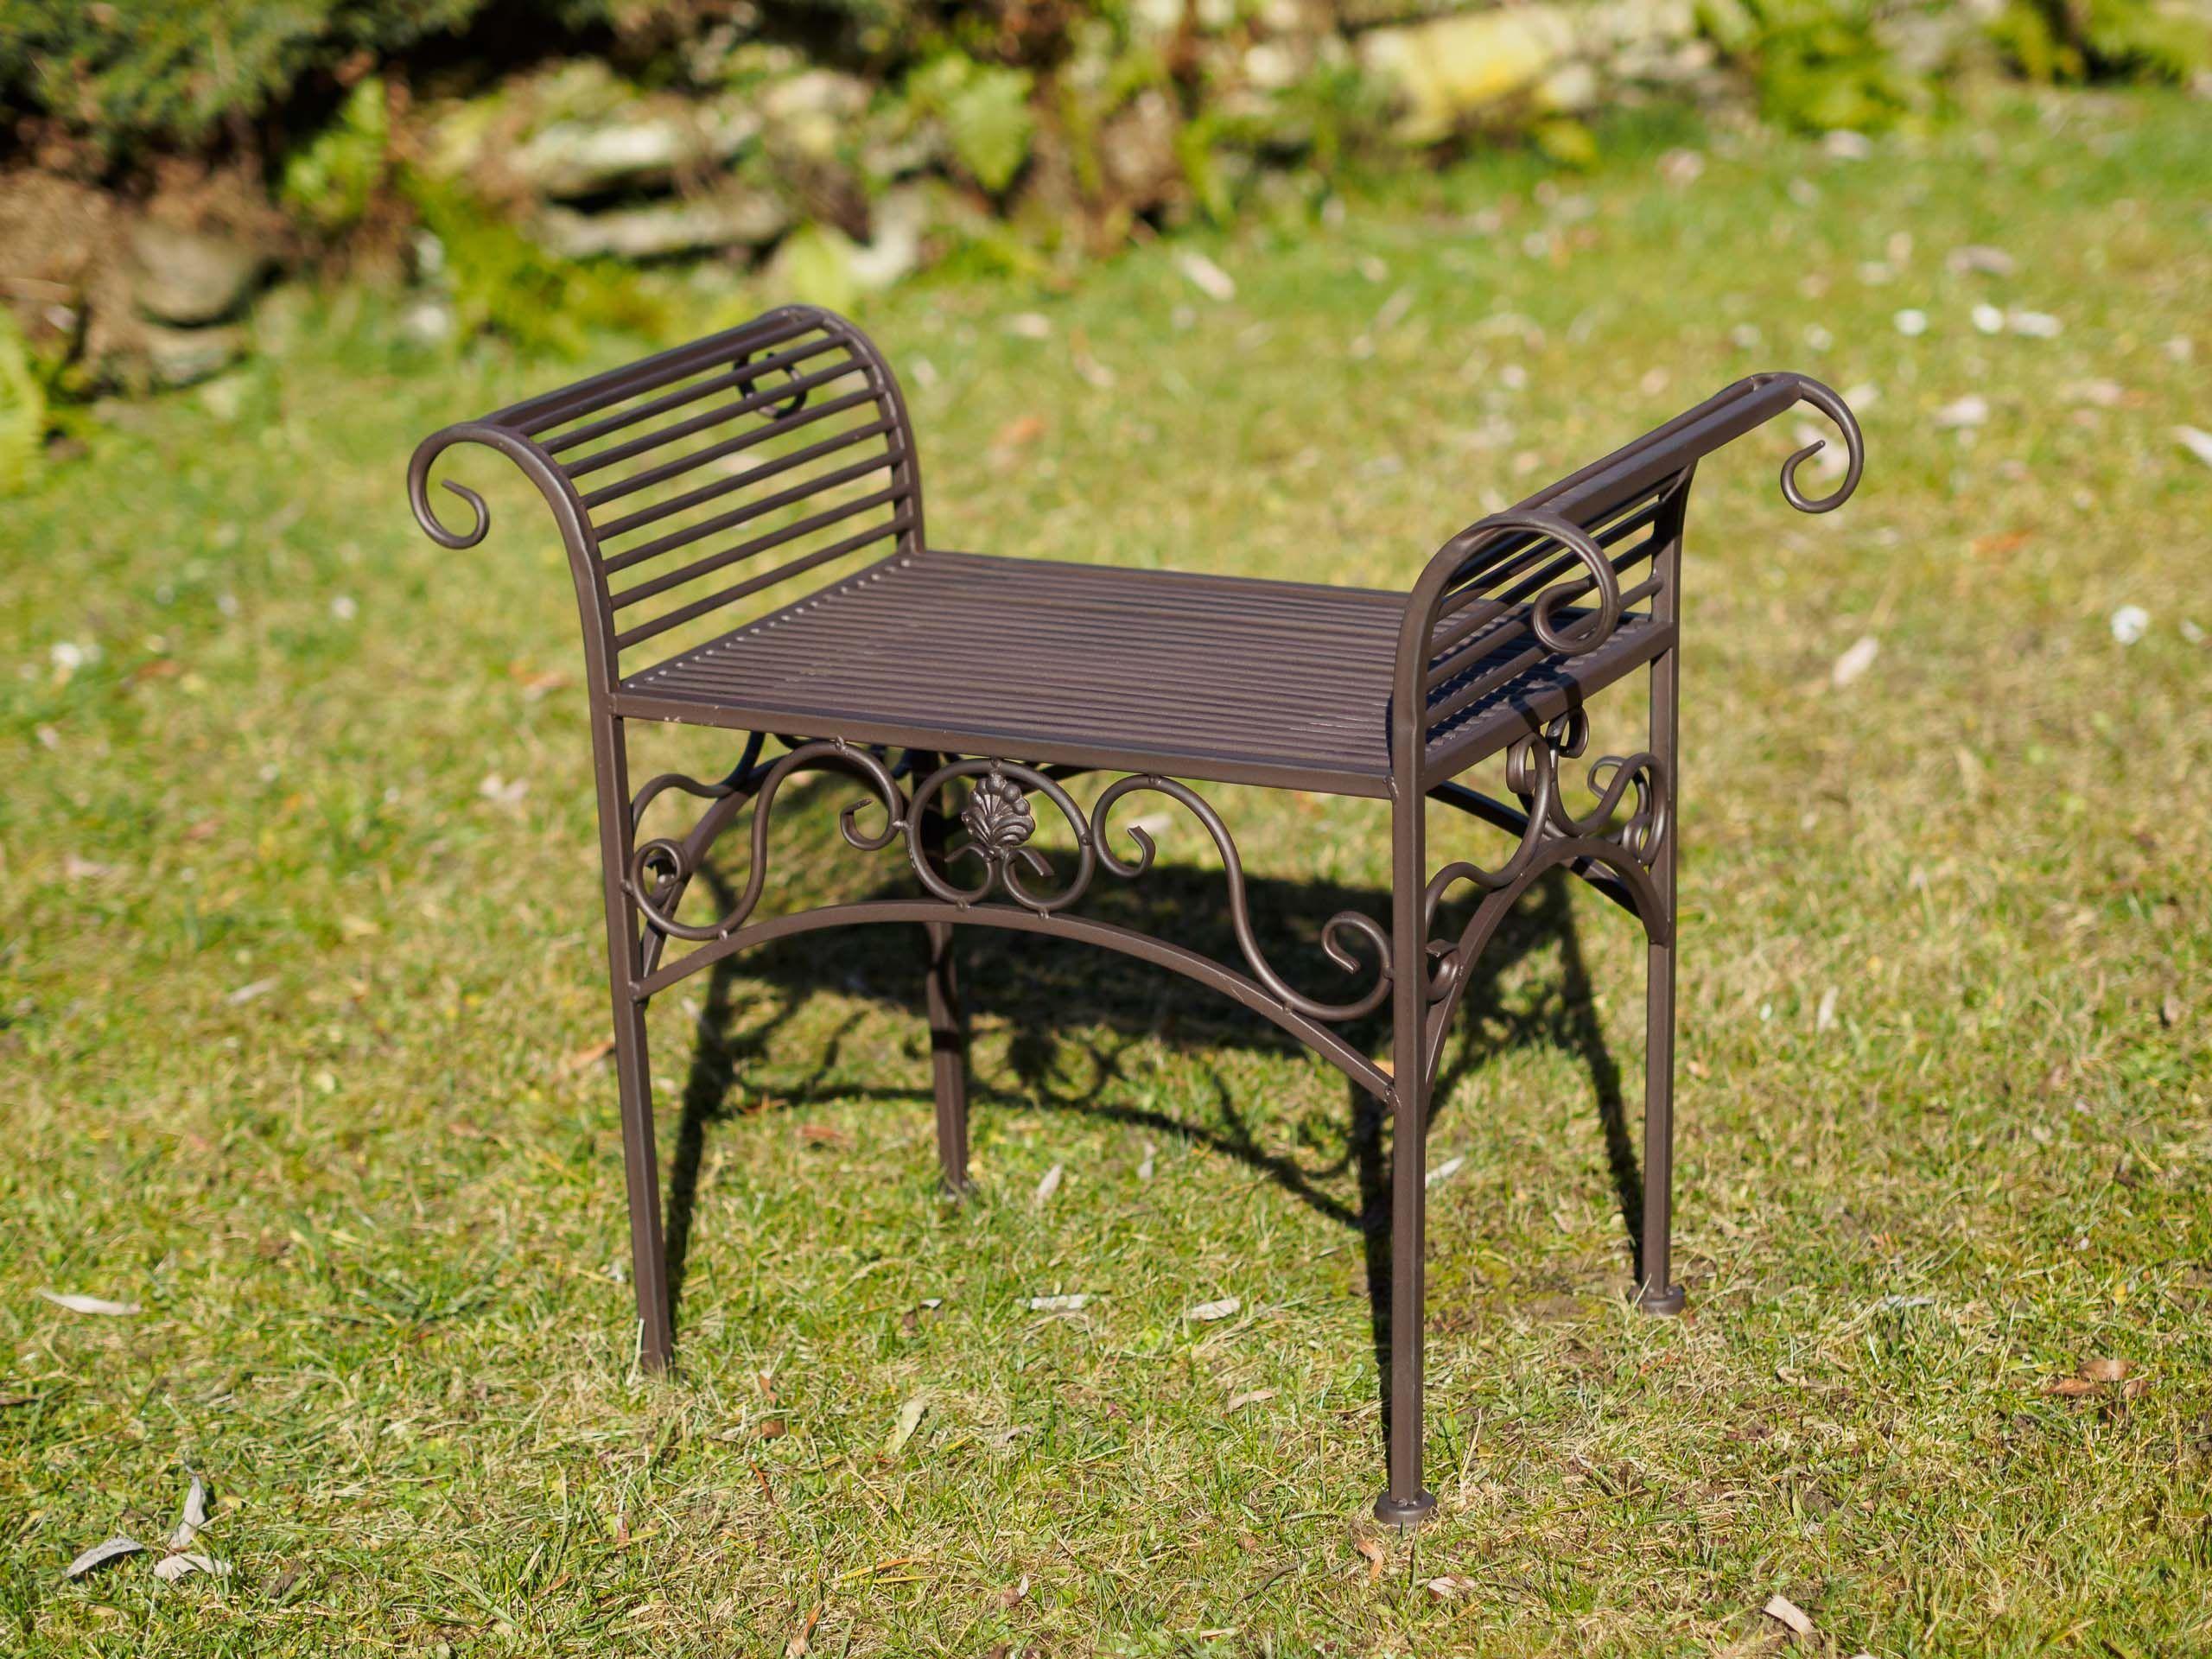 Gartenbank Eisen Metall Antik Stil Garten Bank Gartenmobel Braun 70cm Gartenbank Gartenbank Eisen Gartenbank Metall